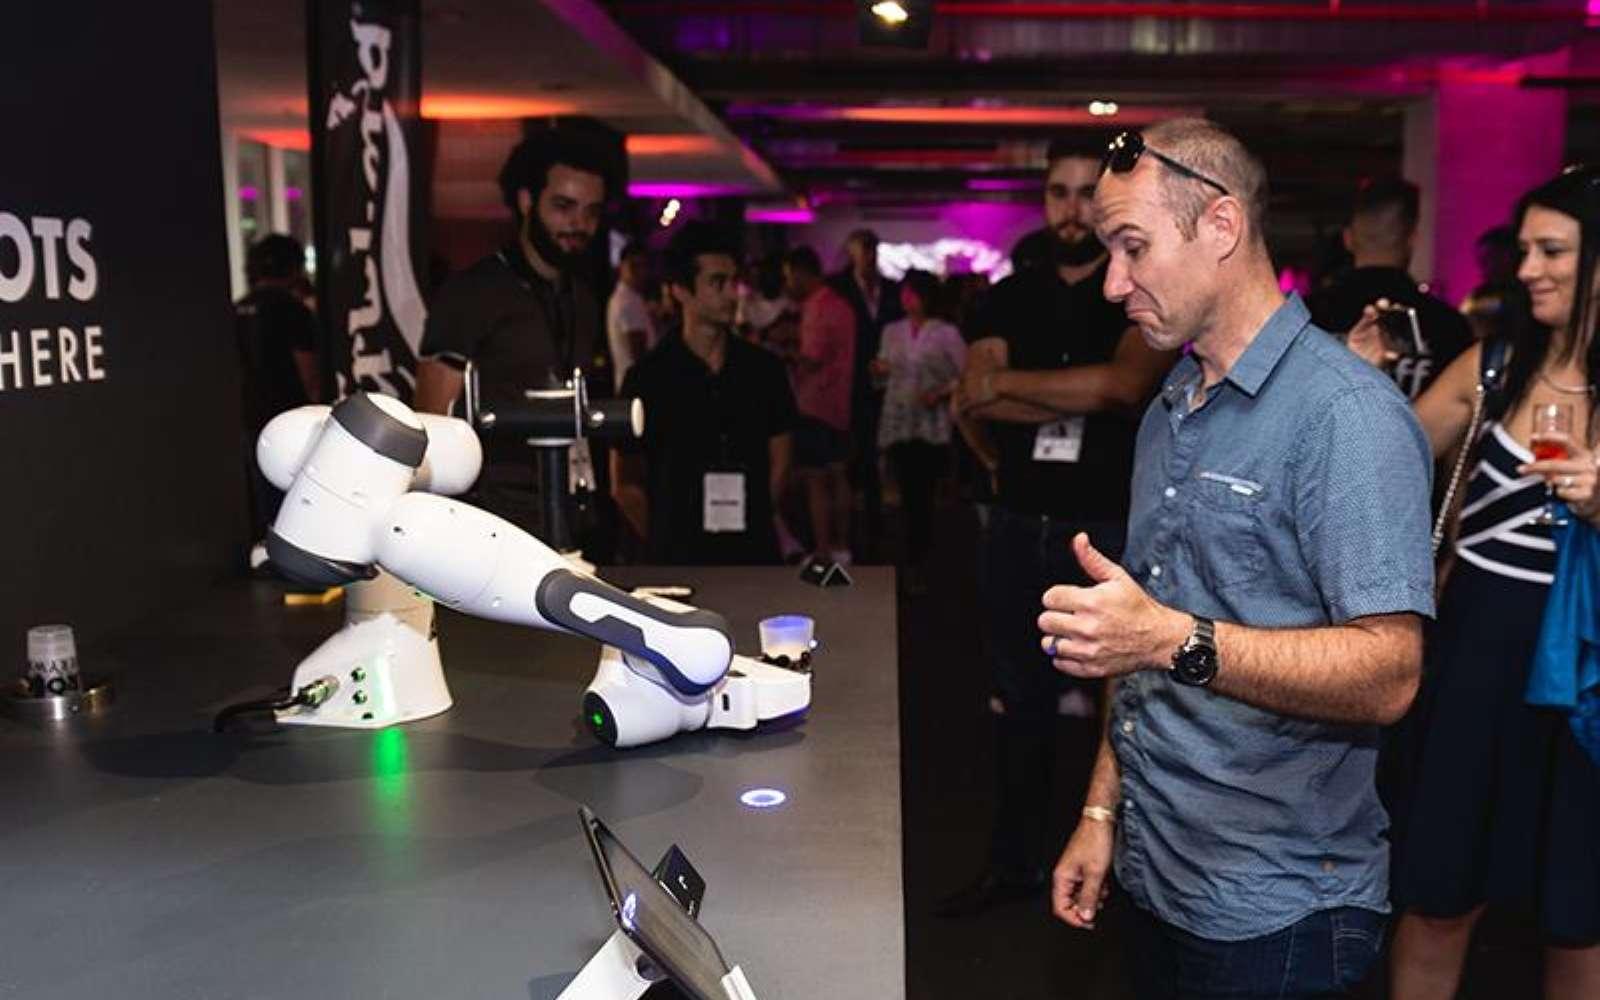 Le robot barman a fait ses premières armes lors d'un concert de musique à Nice en juillet 2018. © Majordam